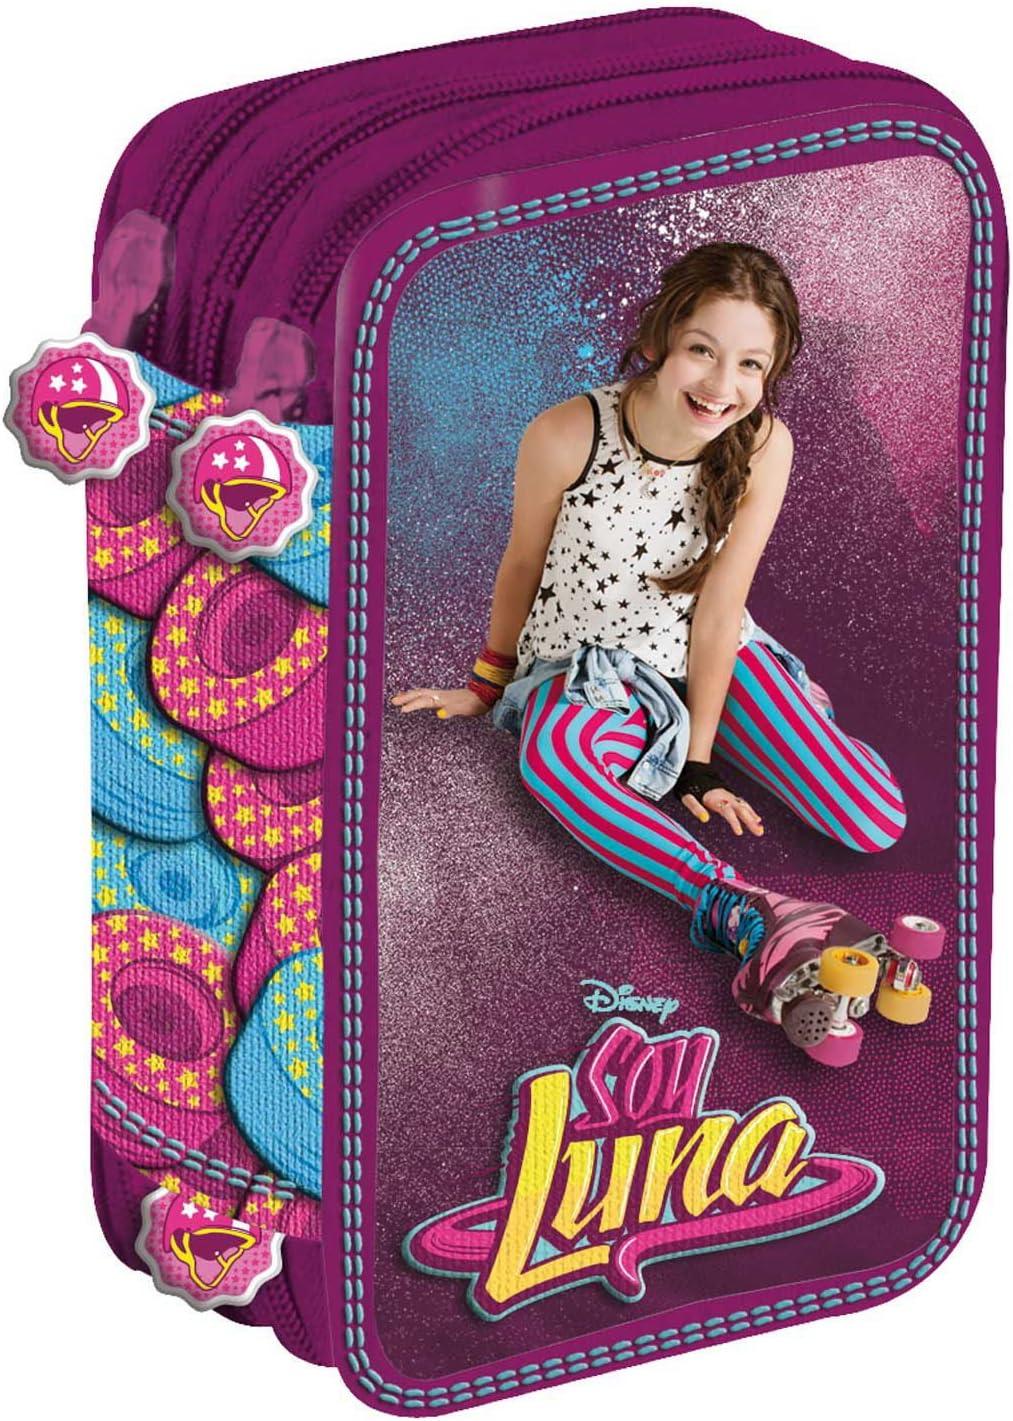 DISNEY - Plumier Soy Luna Disney Star triple - 5903235610370: Amazon.es: Oficina y papelería